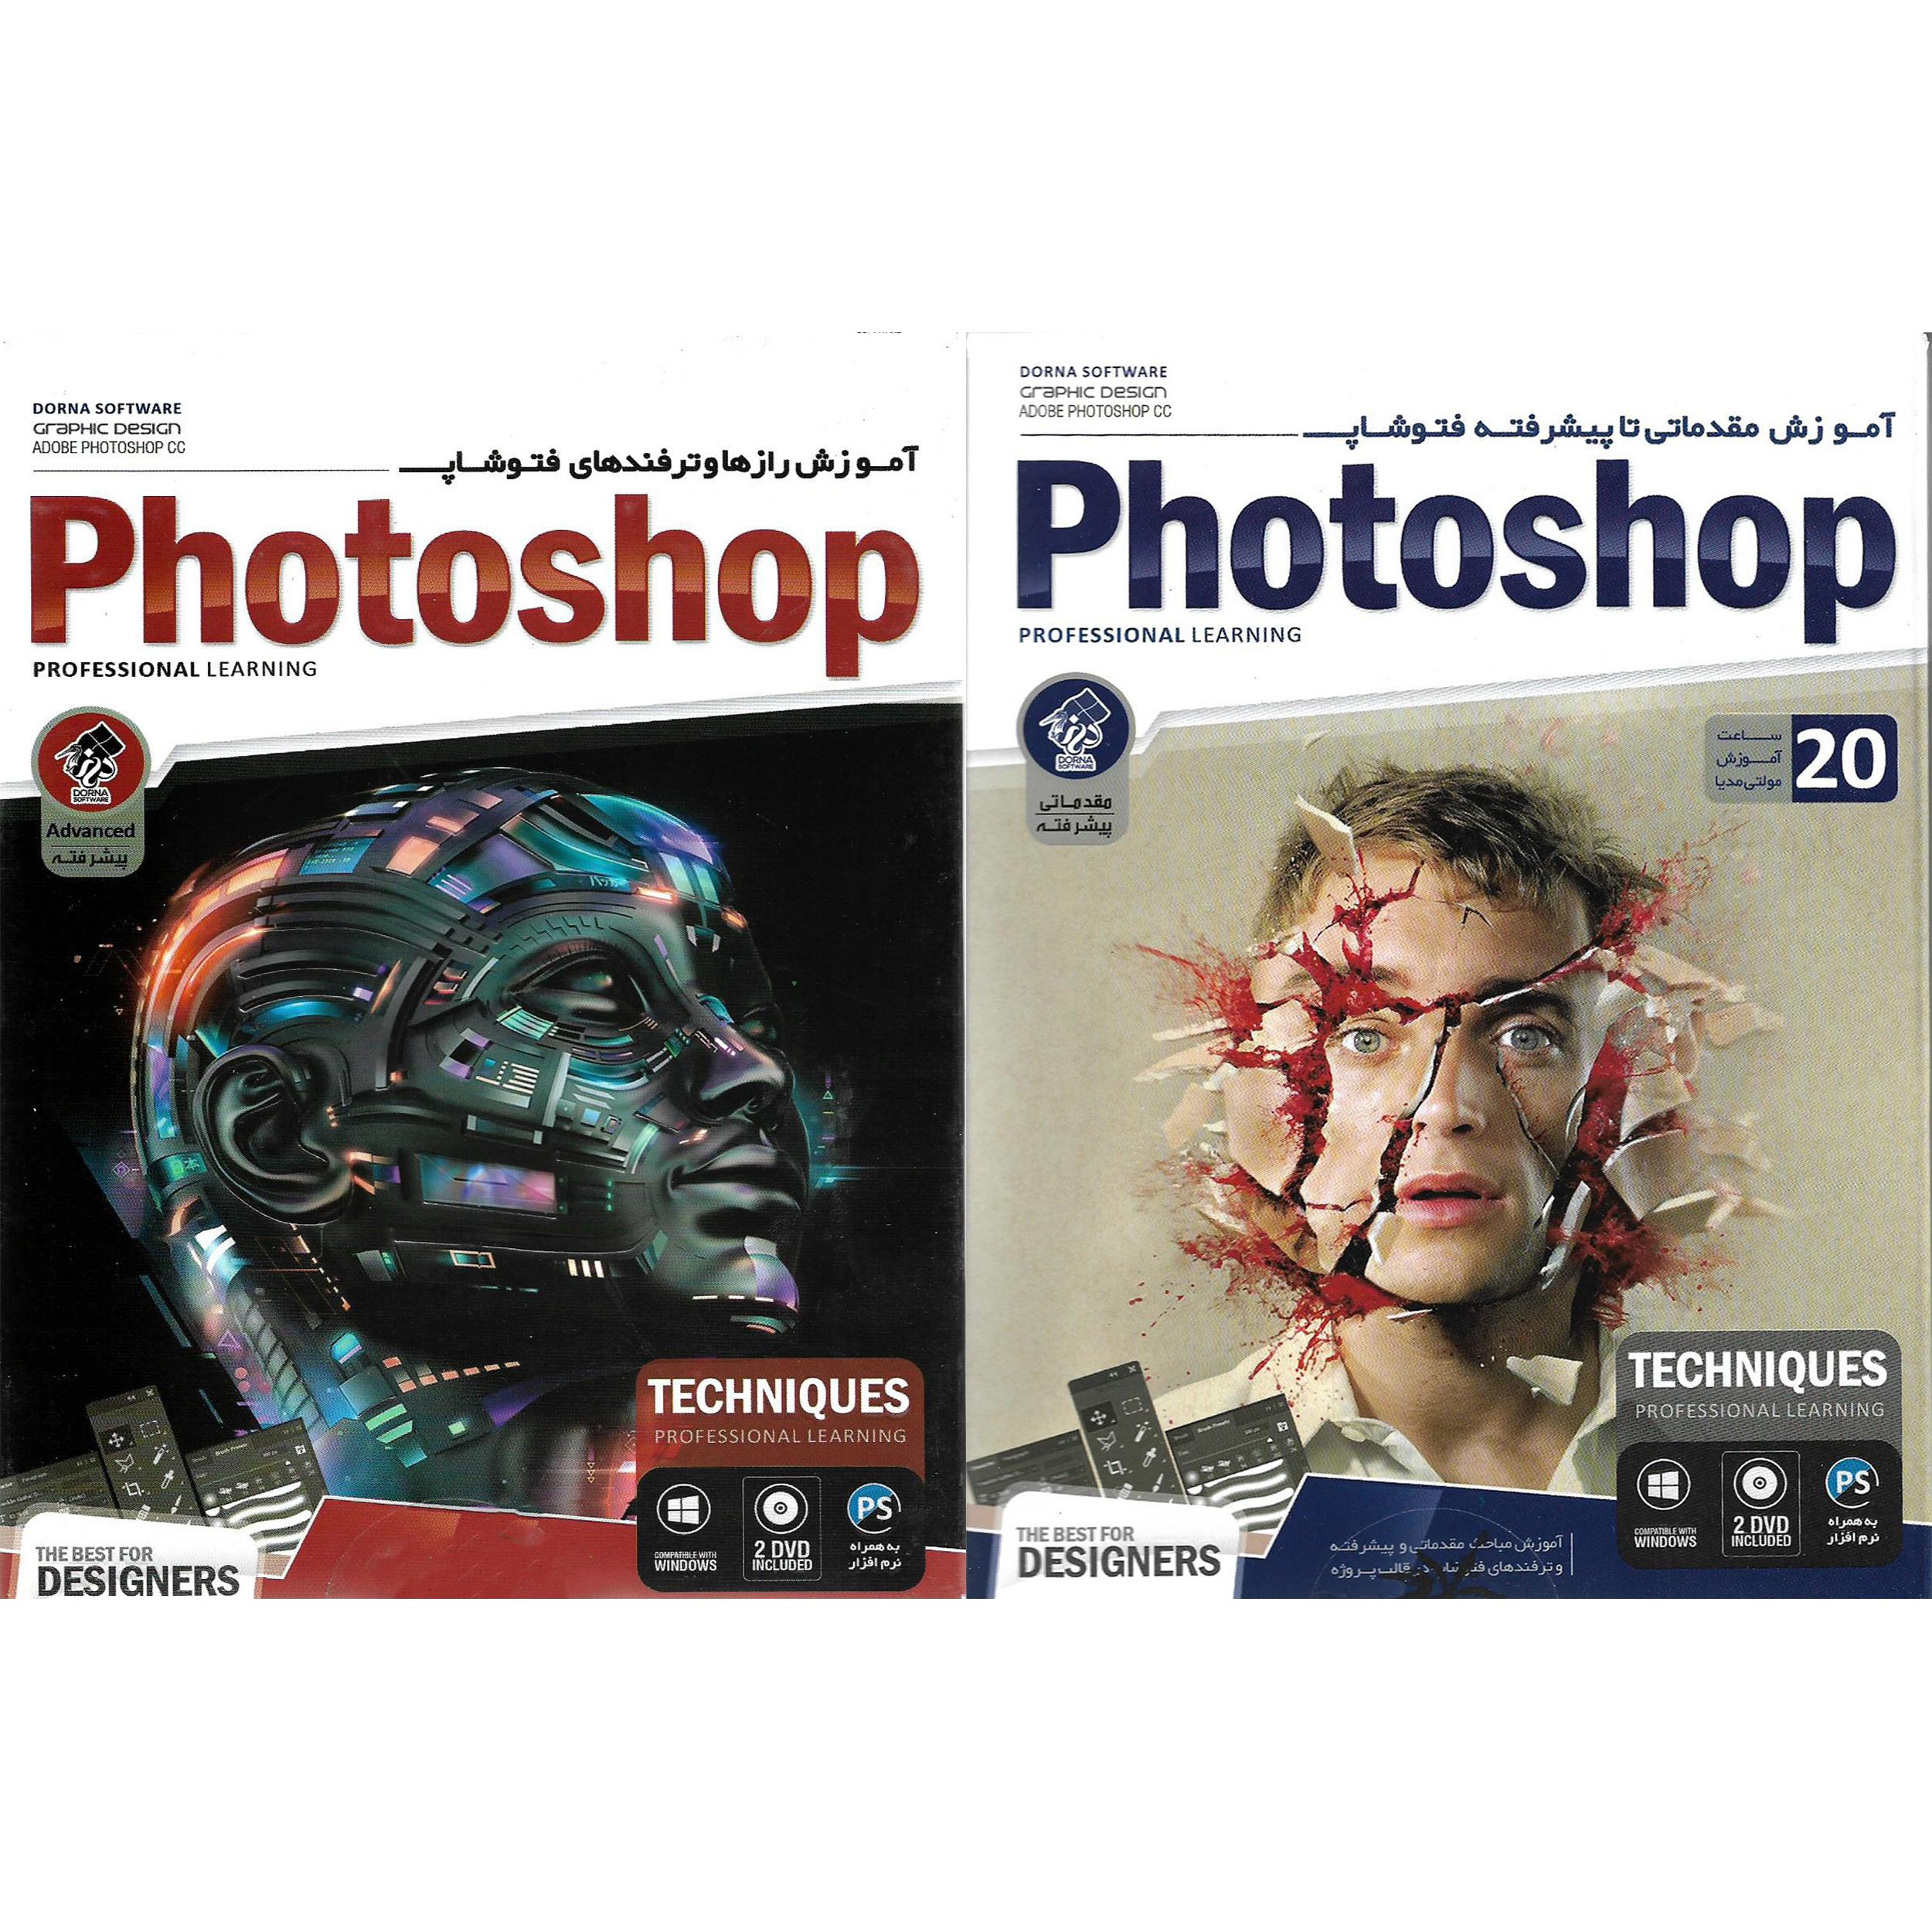 نرم افزار آموزش مقدماتی تا پیشرفته فتوشاپ PHOTOSHOP نشر درنا به همراه نرم افزار آموزش رازها و ترفندهای فتوشاپ PHOTOSHOP نشر درنا